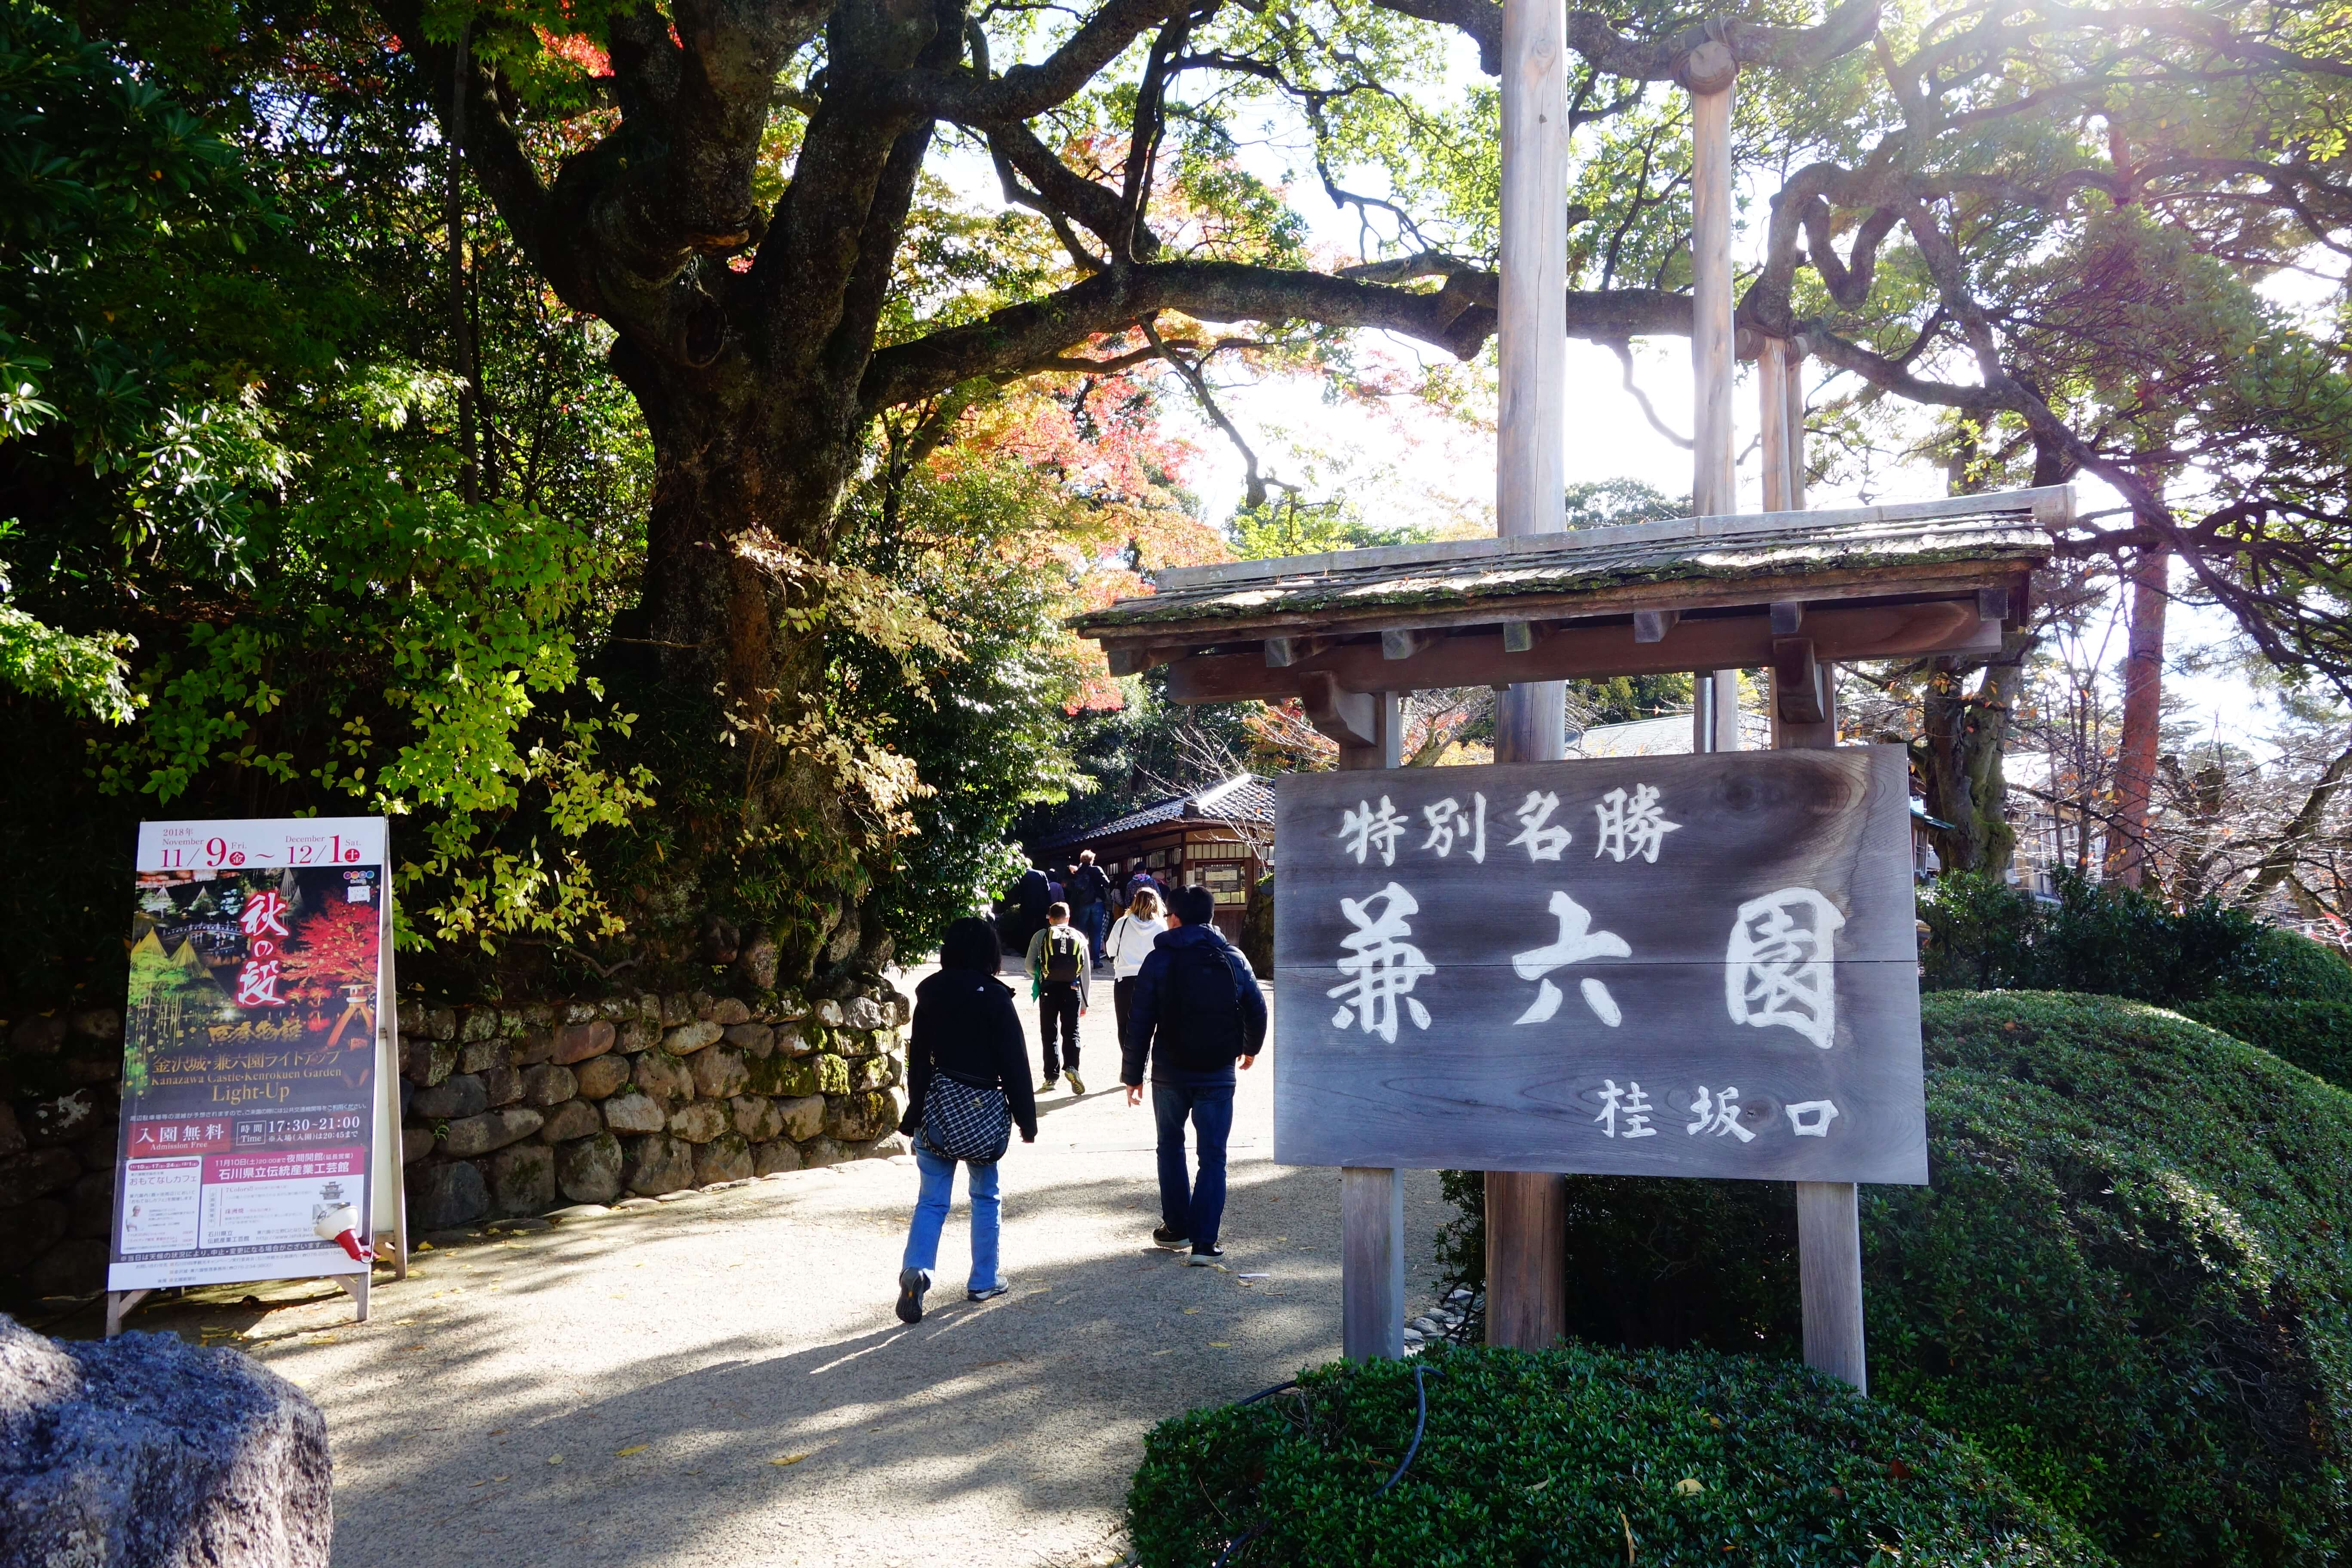 【まとめ】石川県金沢市の兼六園周辺おすすめ観光スポット11選!